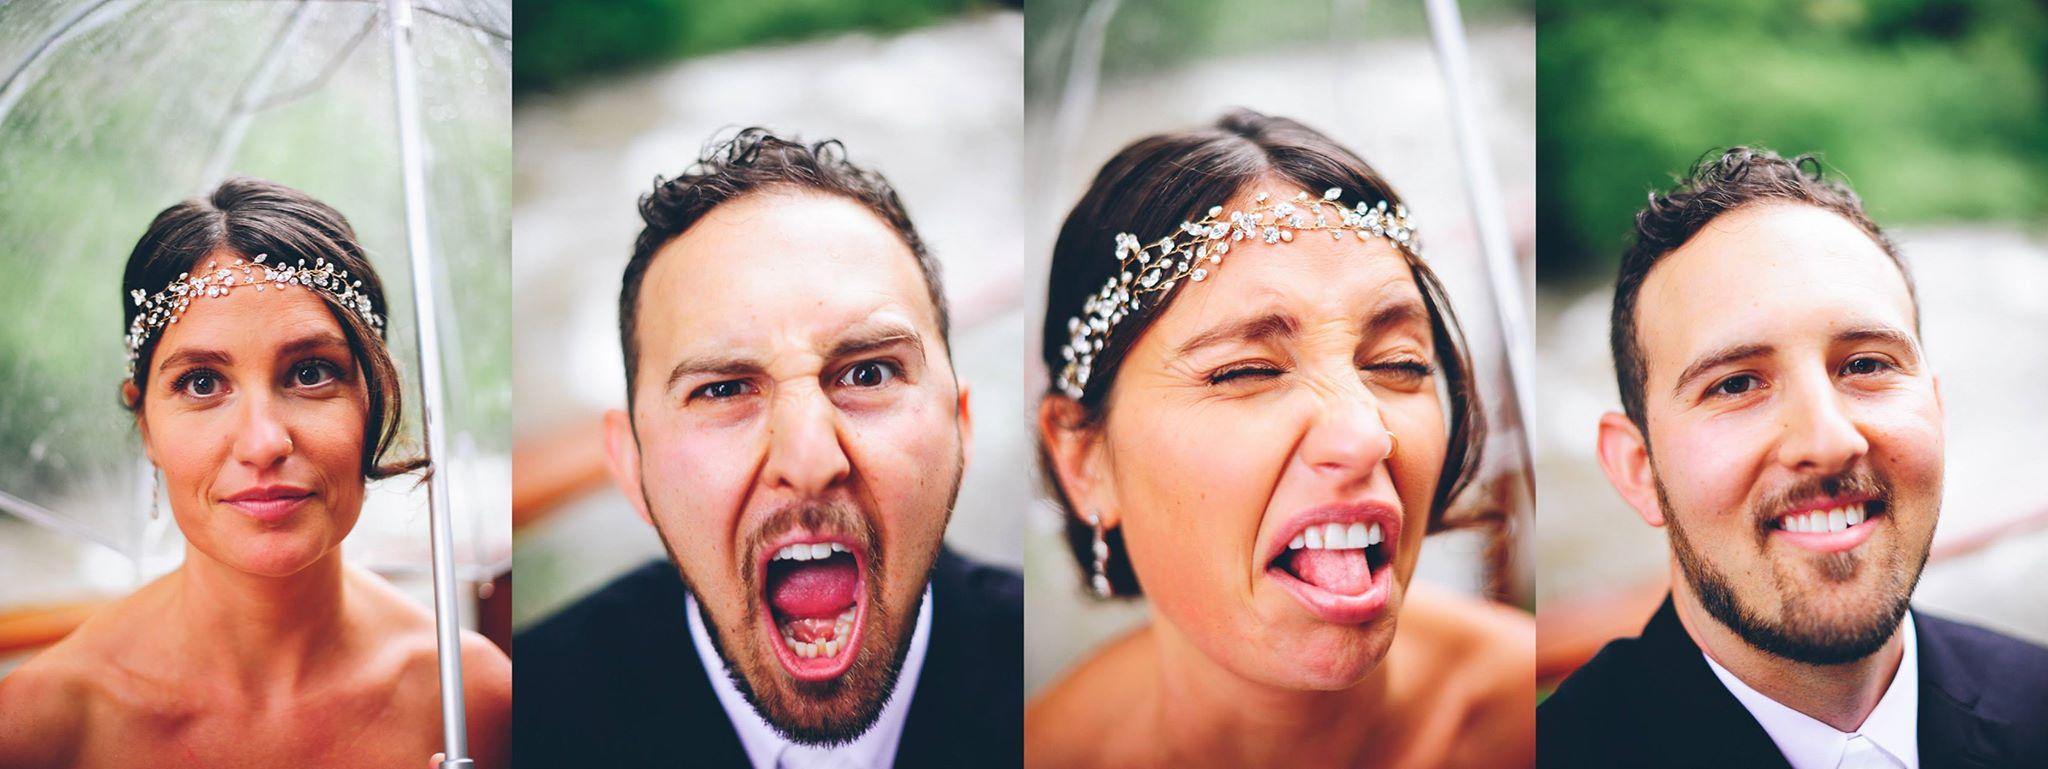 Soshy_Max_Boulder_Colorado_Wedding_9.jpg